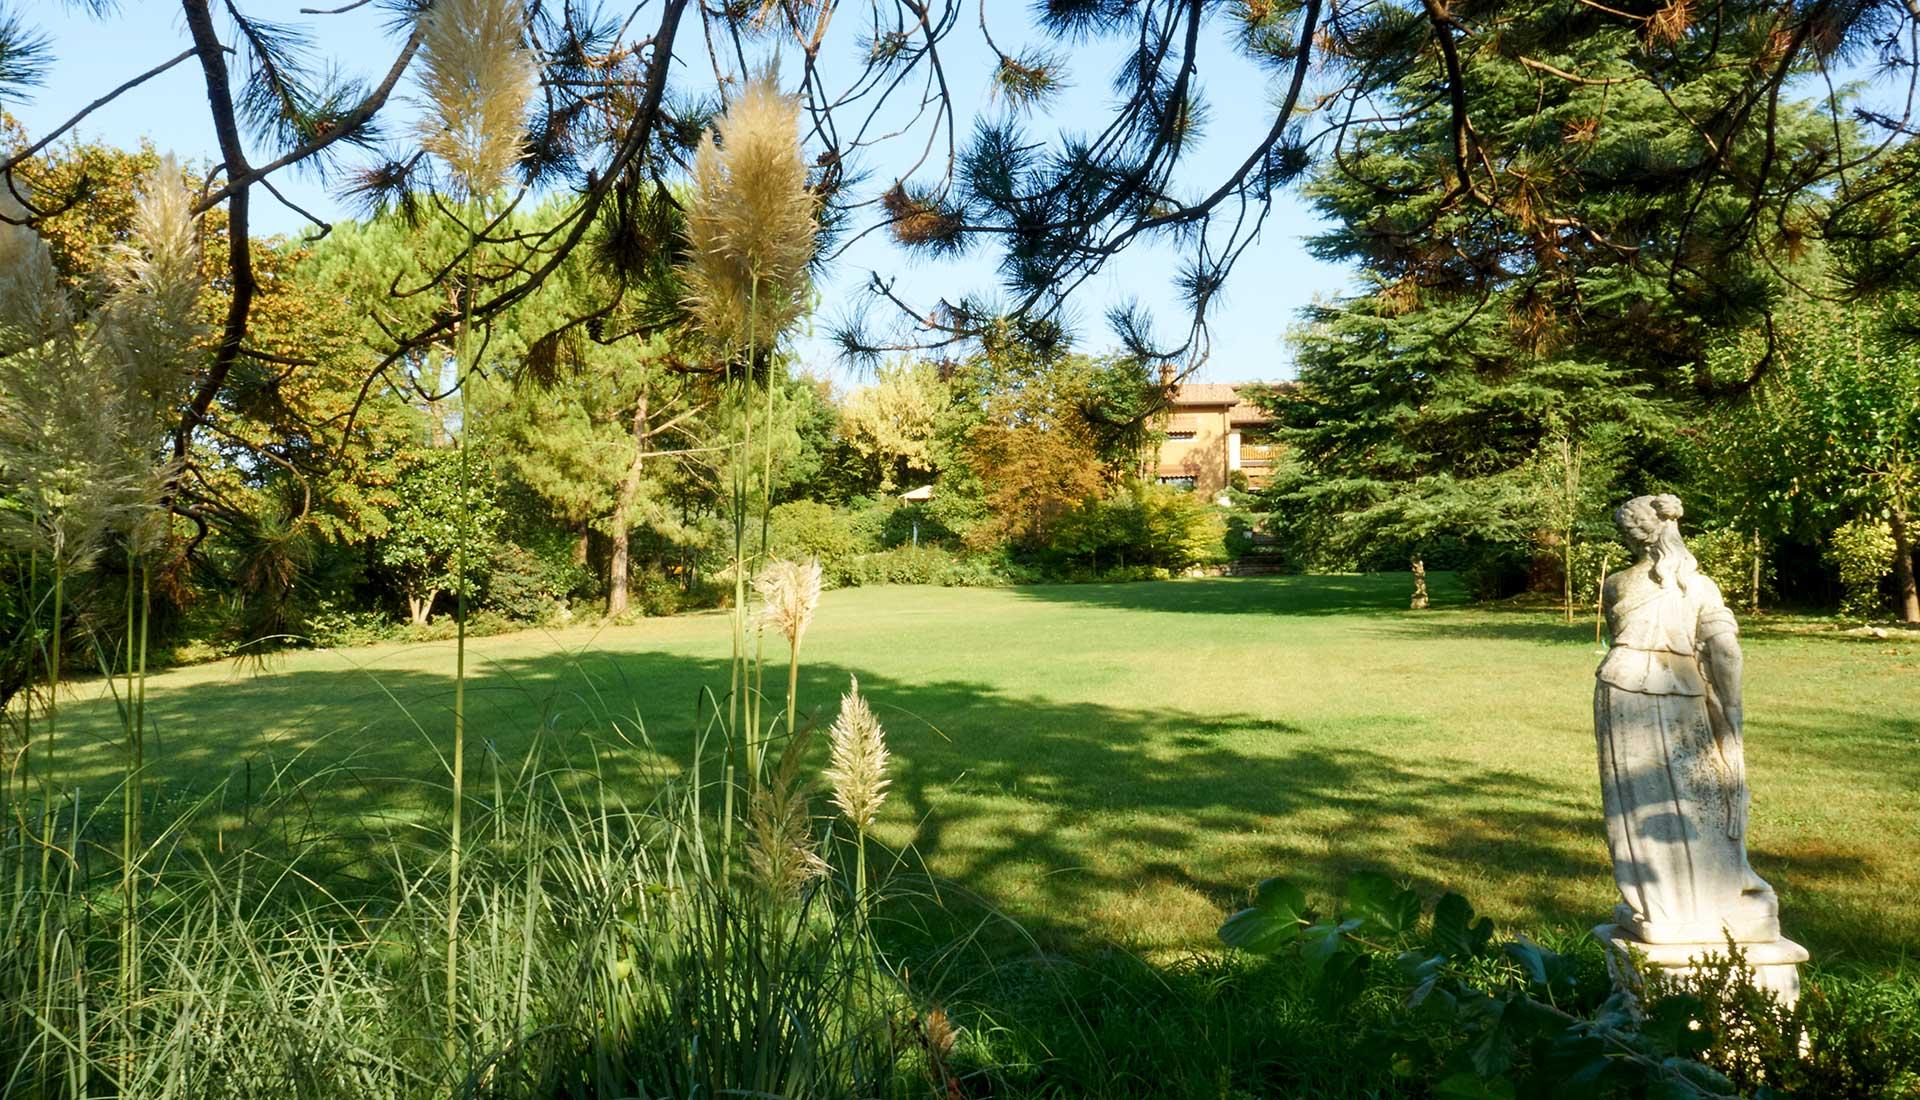 forbici-progettare-giardini-ville-hotel-residence